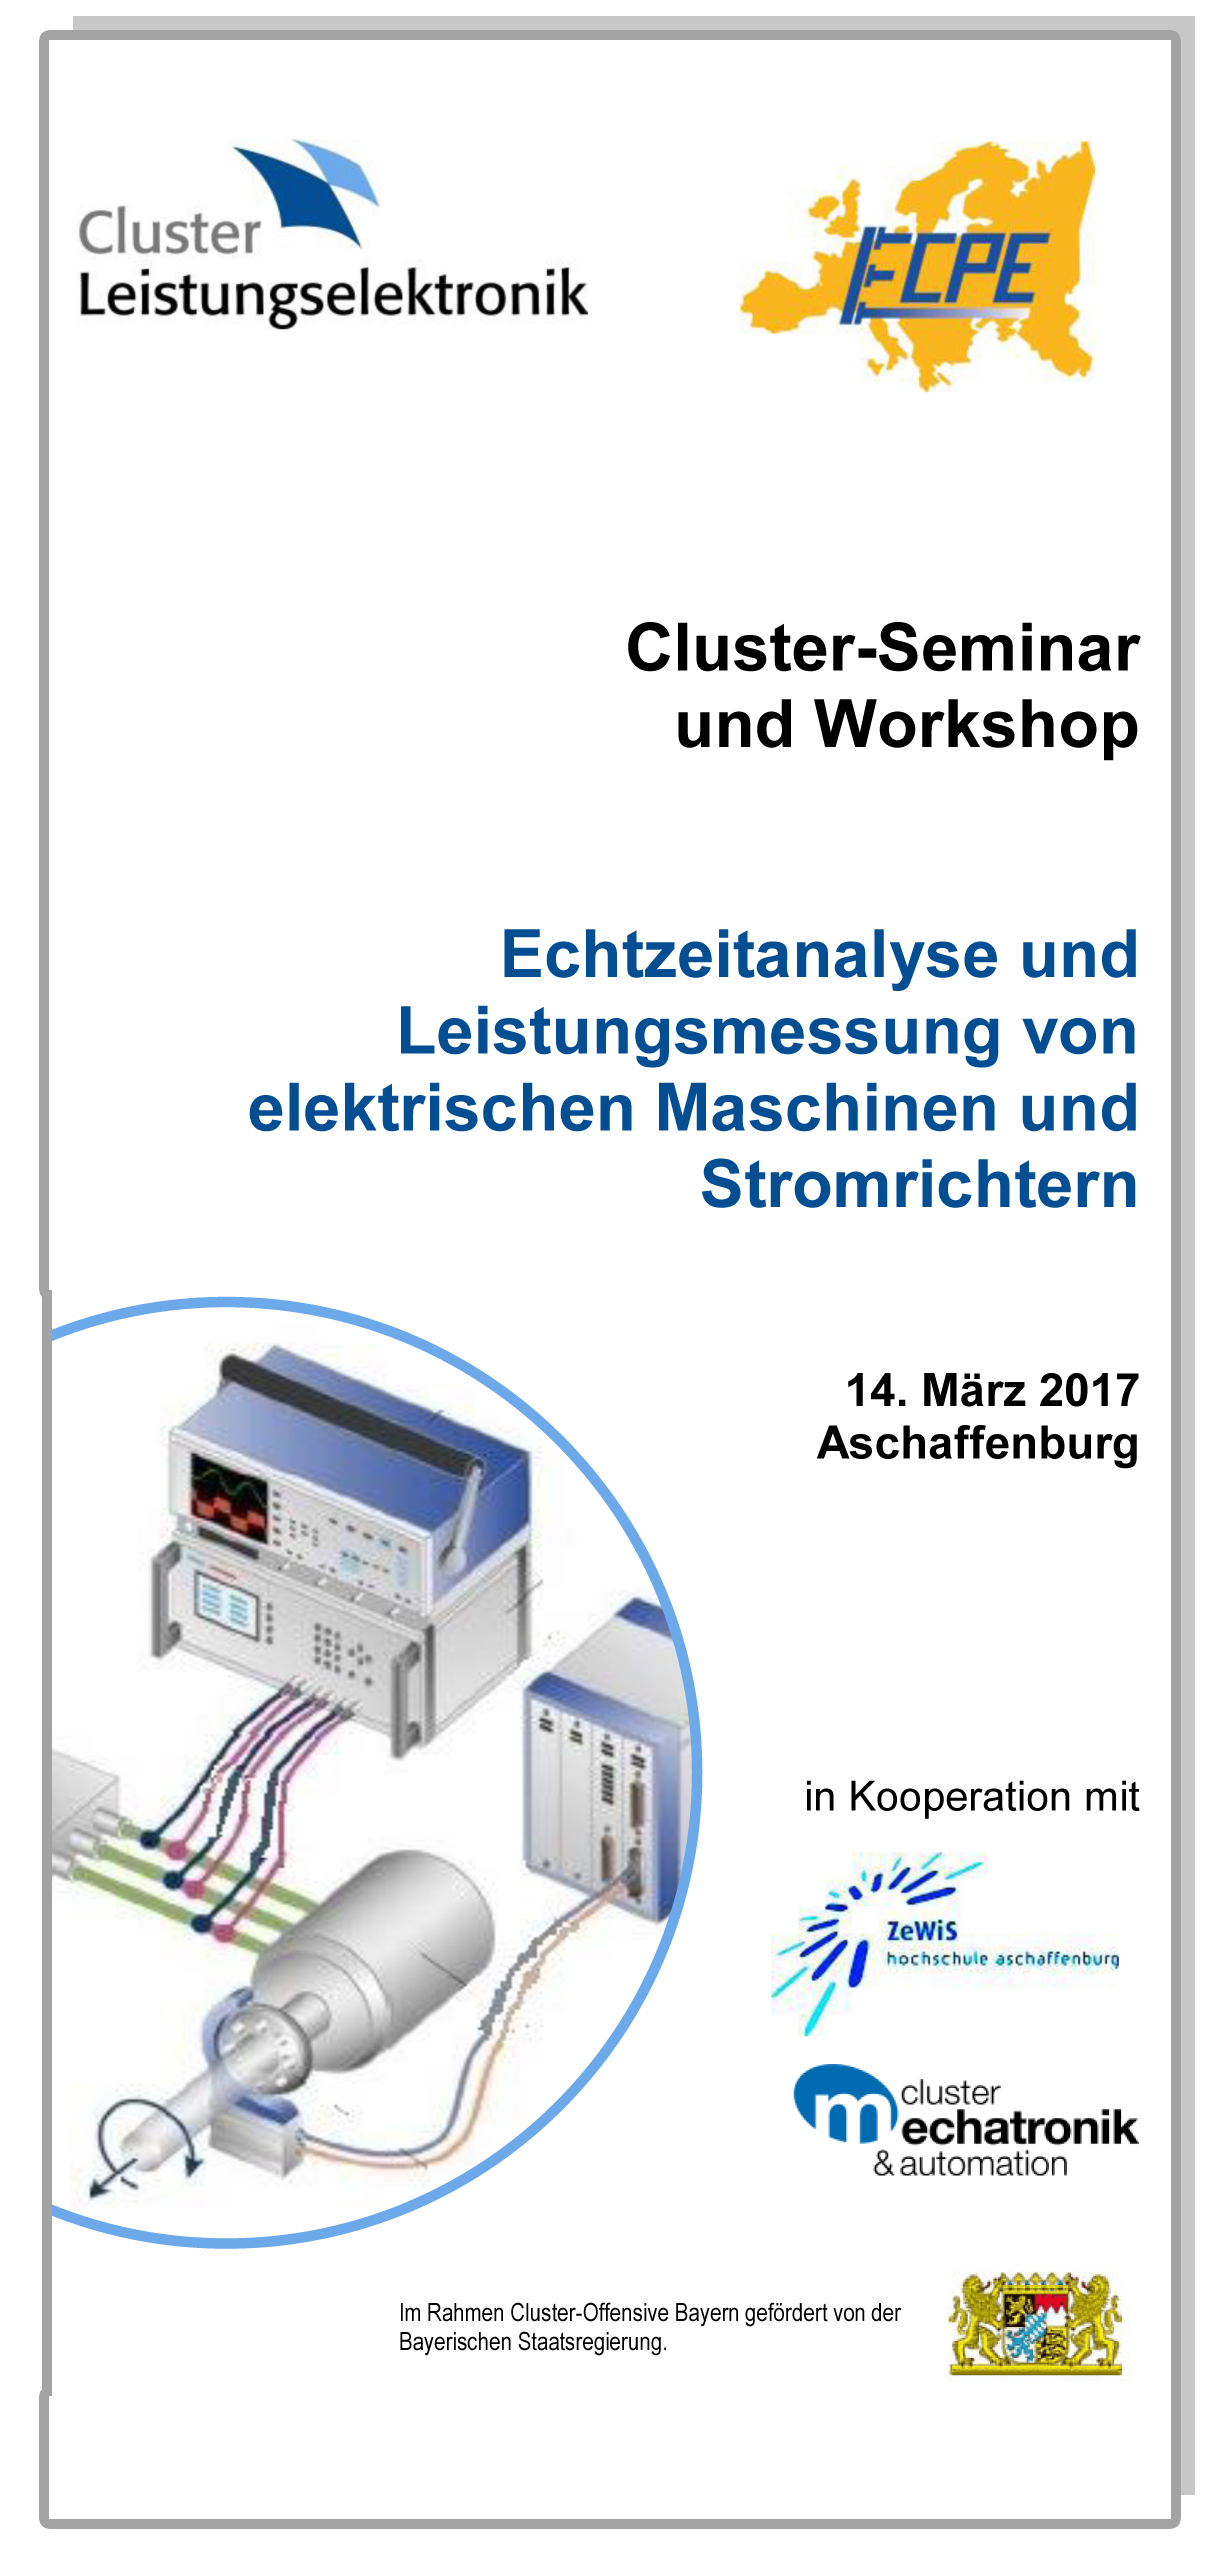 Cluster-Seminar mit Workshop: Echtzeitanalyse und Leistungsmessung von elektrischen Maschinen und Stromrichtern